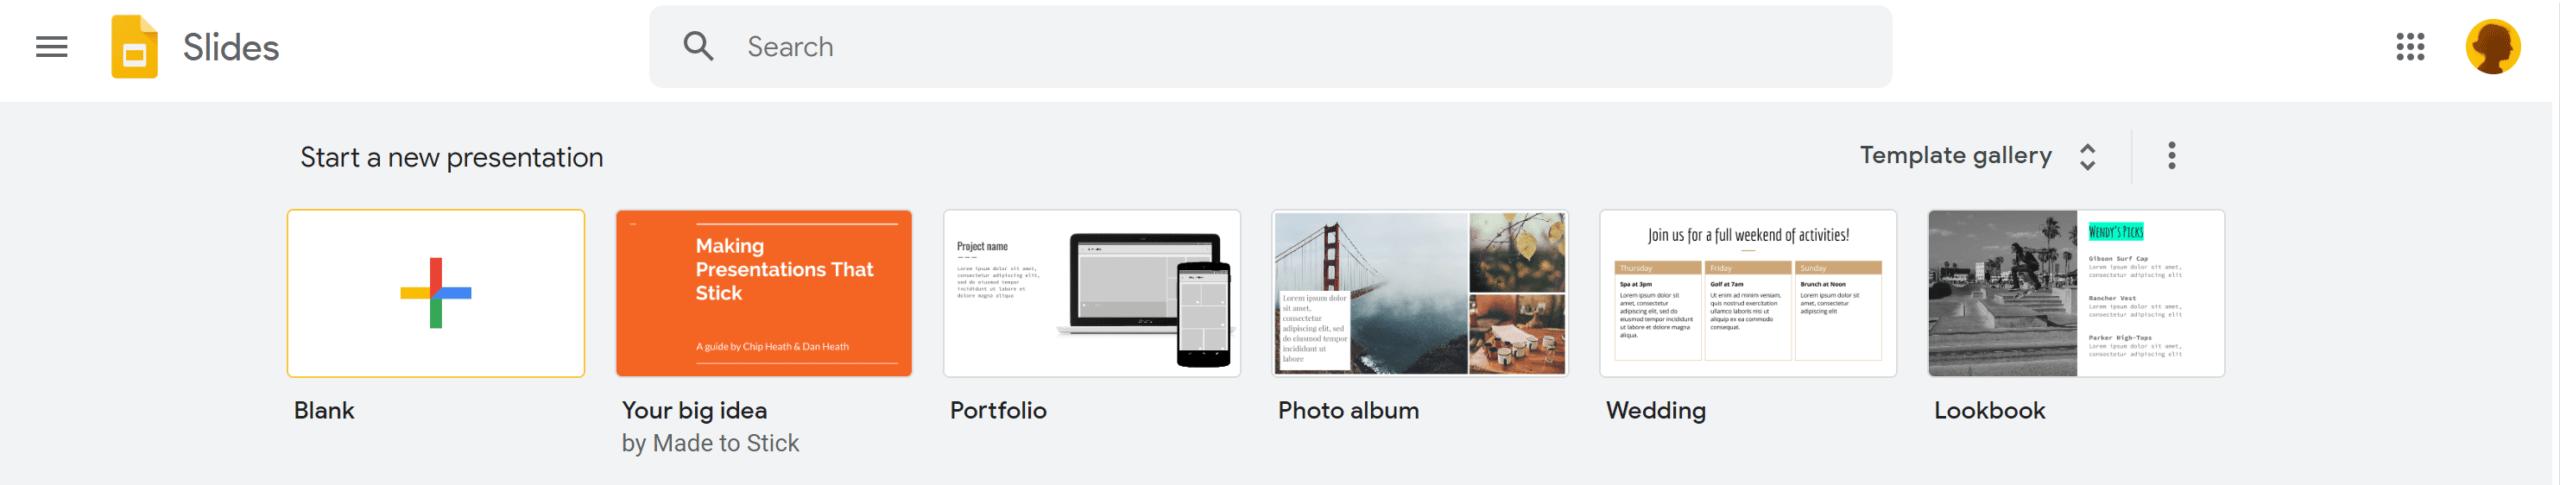 356labs-blog-google-slides-home-page